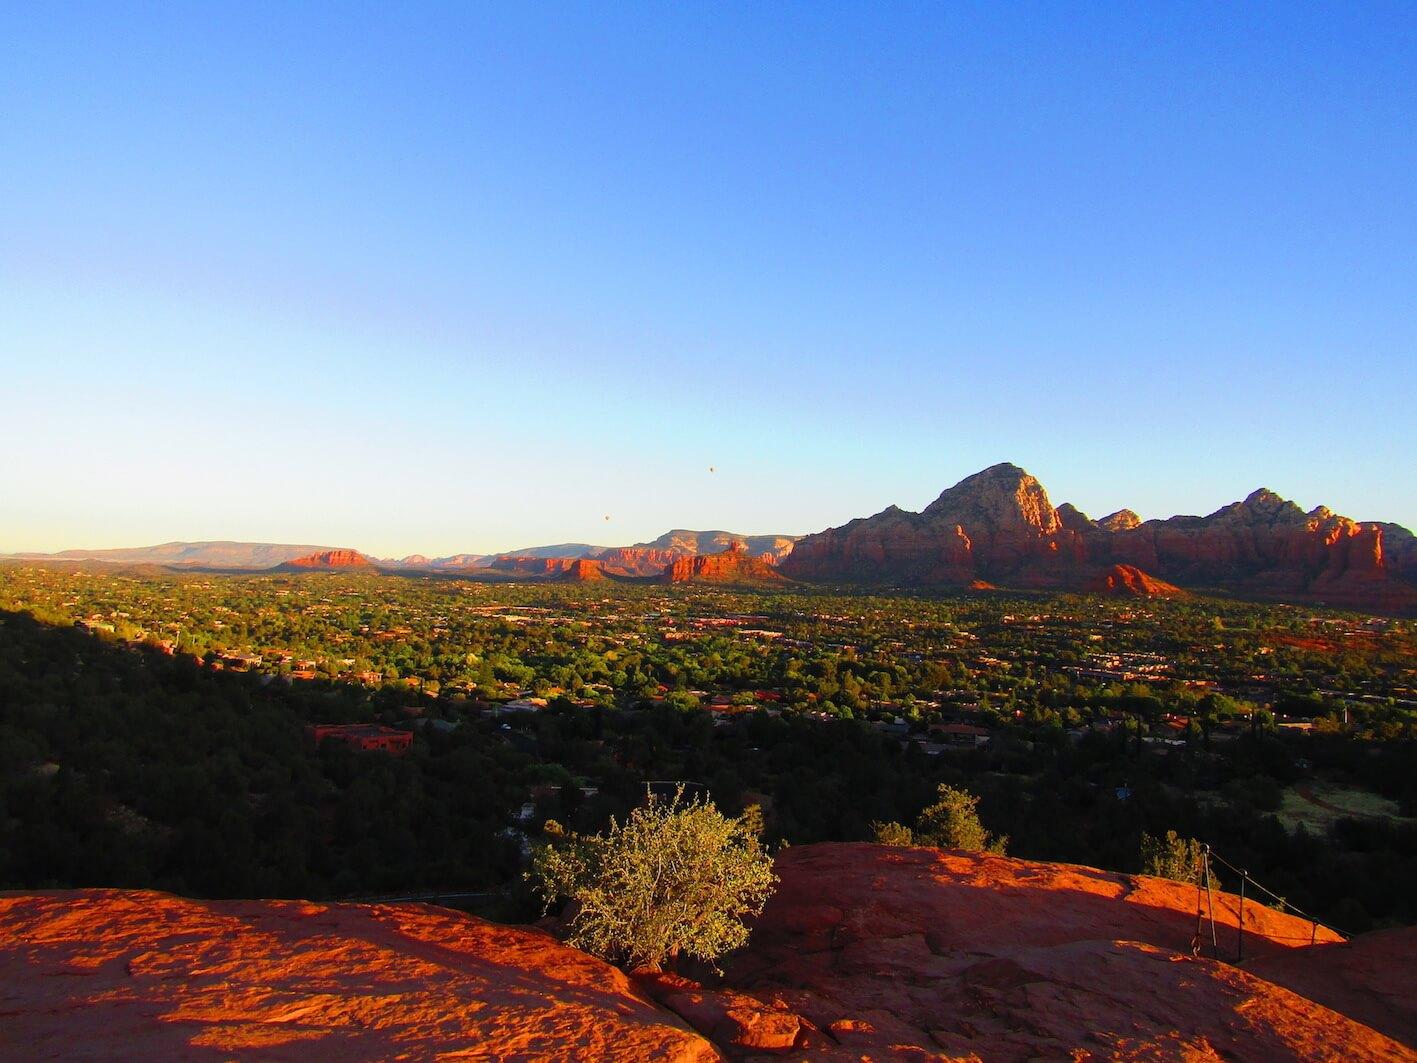 【五感で感じる旅】アリゾナの赤い大地に魅せられて、聖なるセドナを旅する(アメリカ)